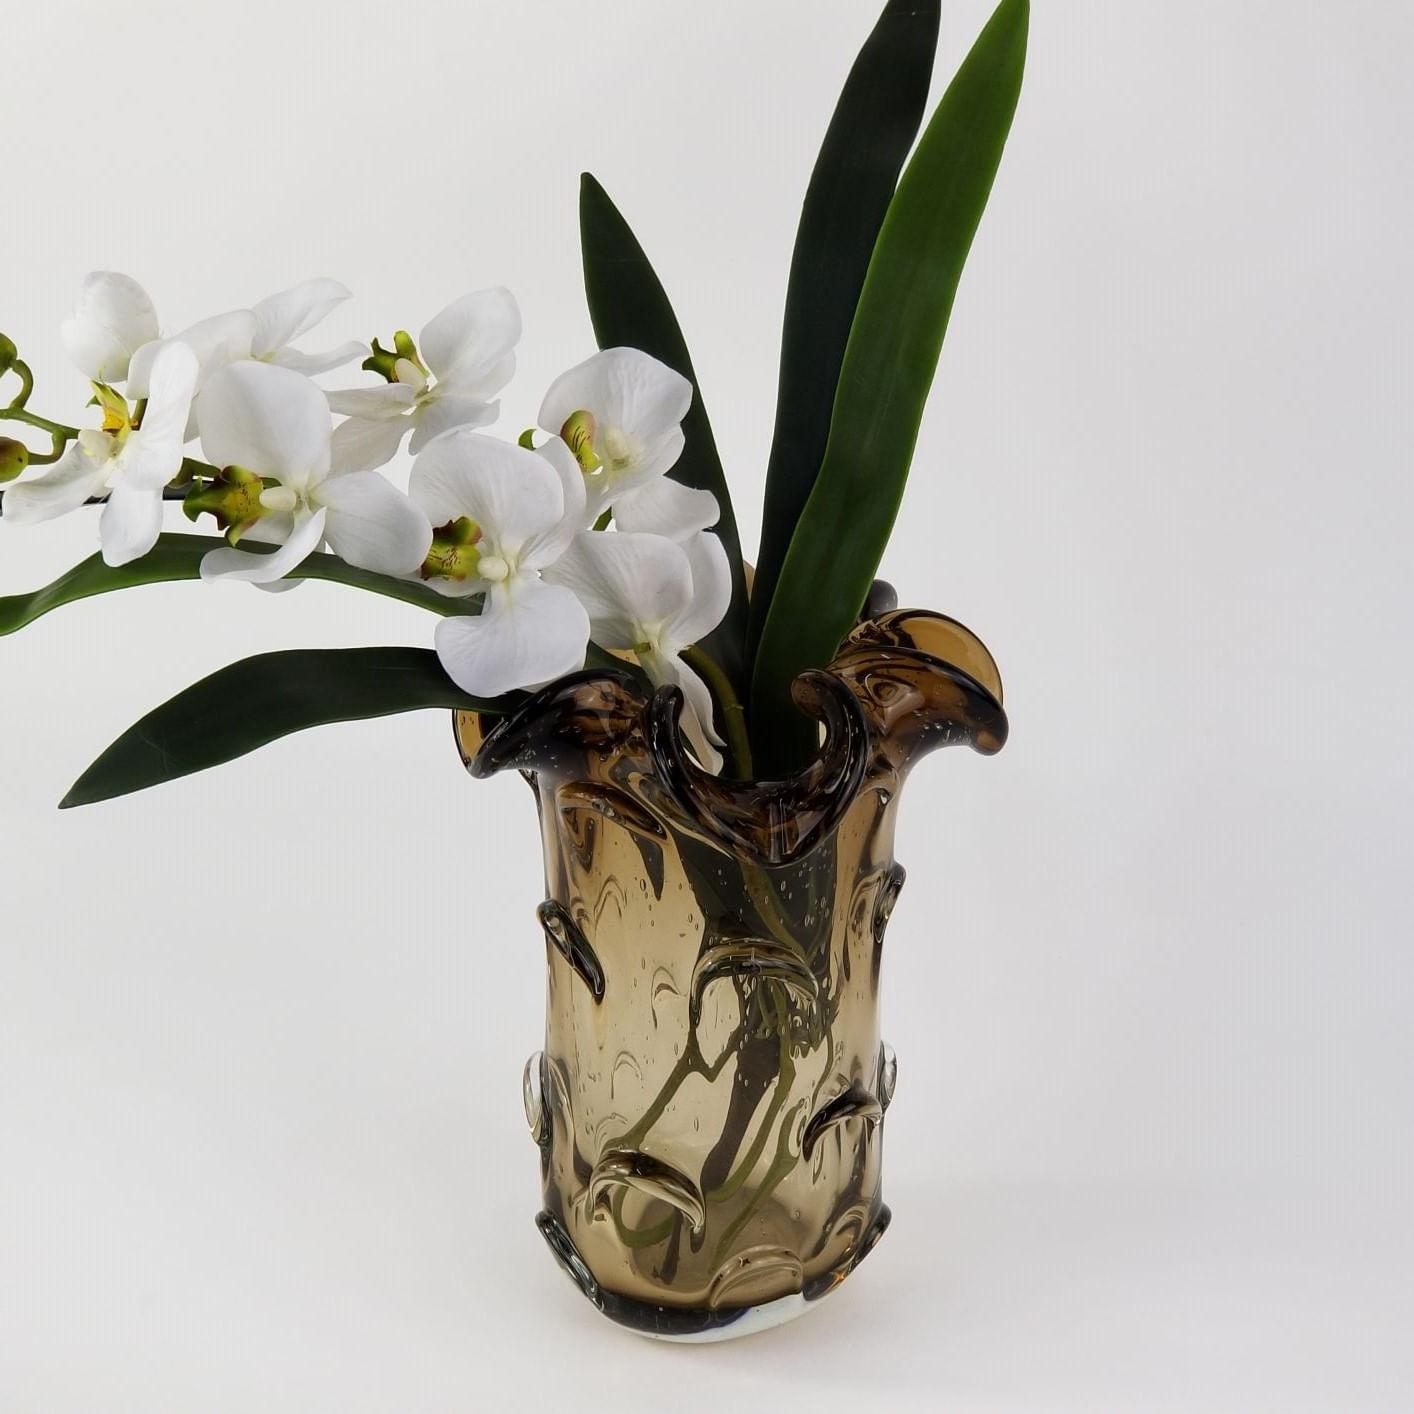 Vaso de Murano Importado Tamanho Médio para Flores - Marrom